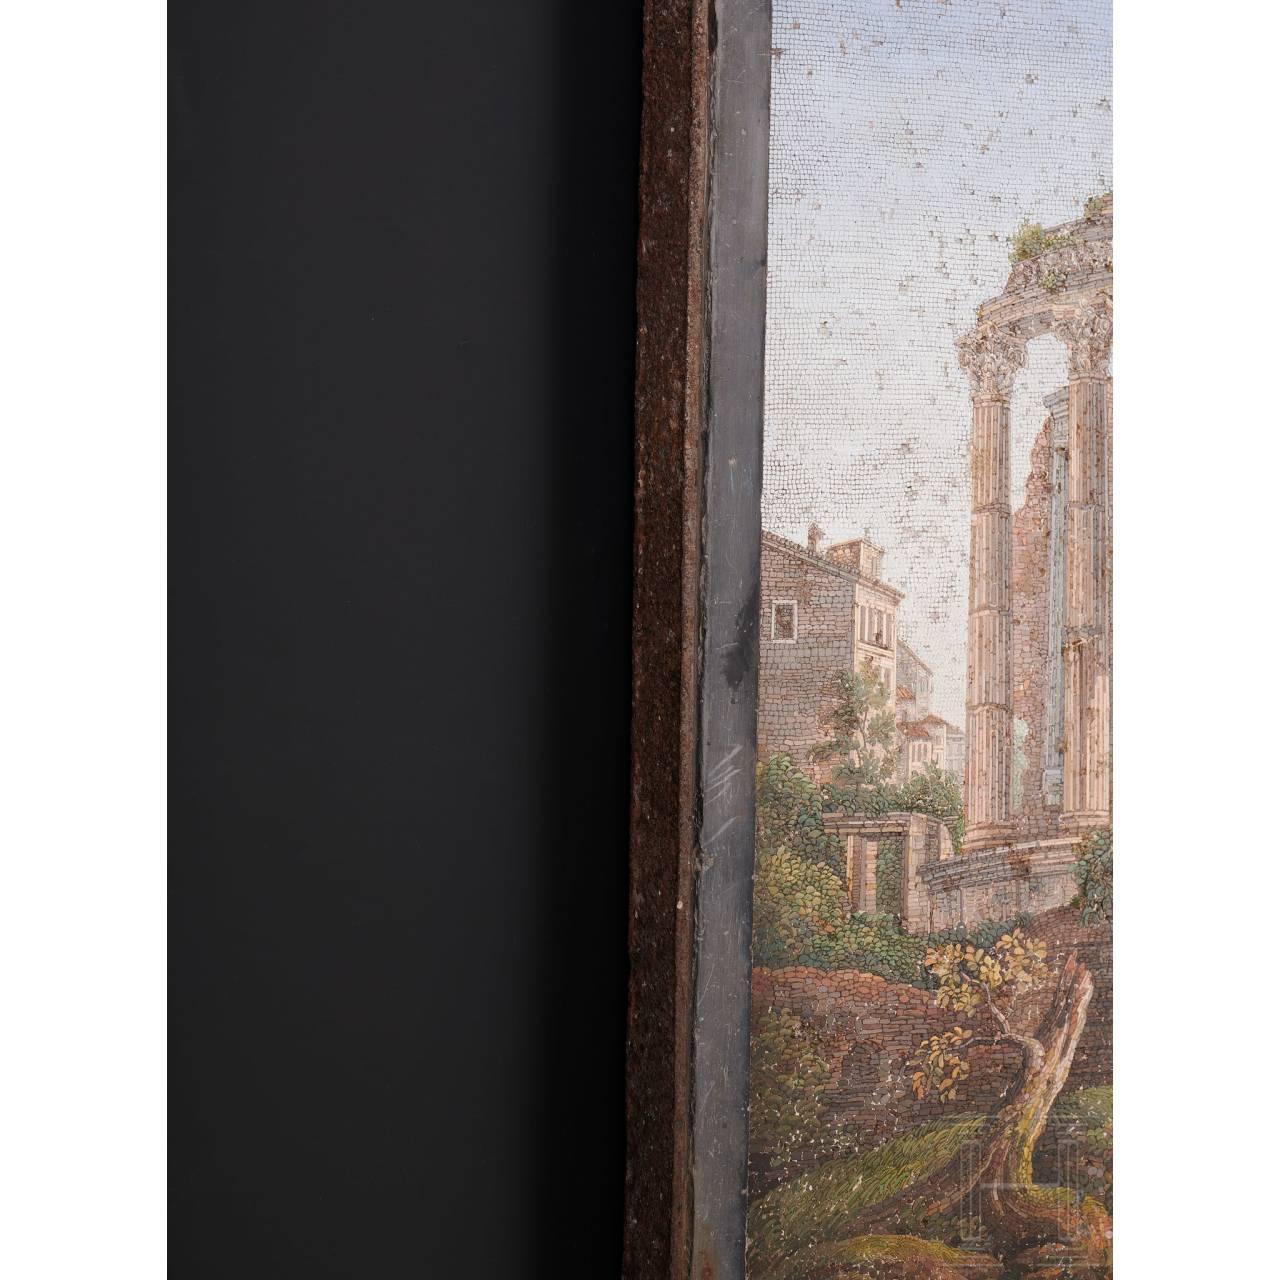 Mikromosaik, Glas, Gioacchino Rinaldi/Rom, um 1810